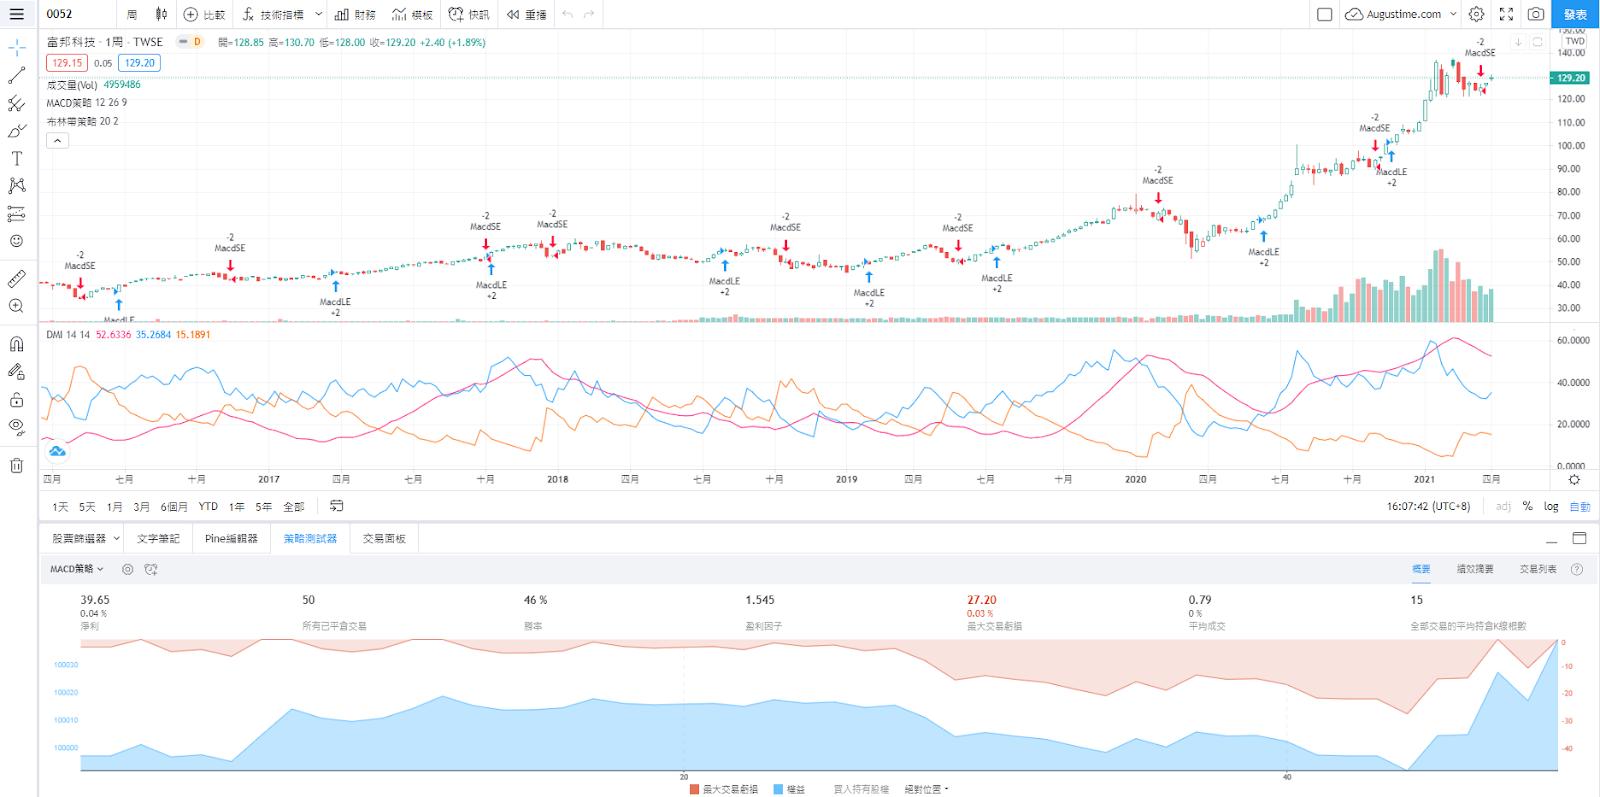 富邦0052股價走勢圖與K線圖